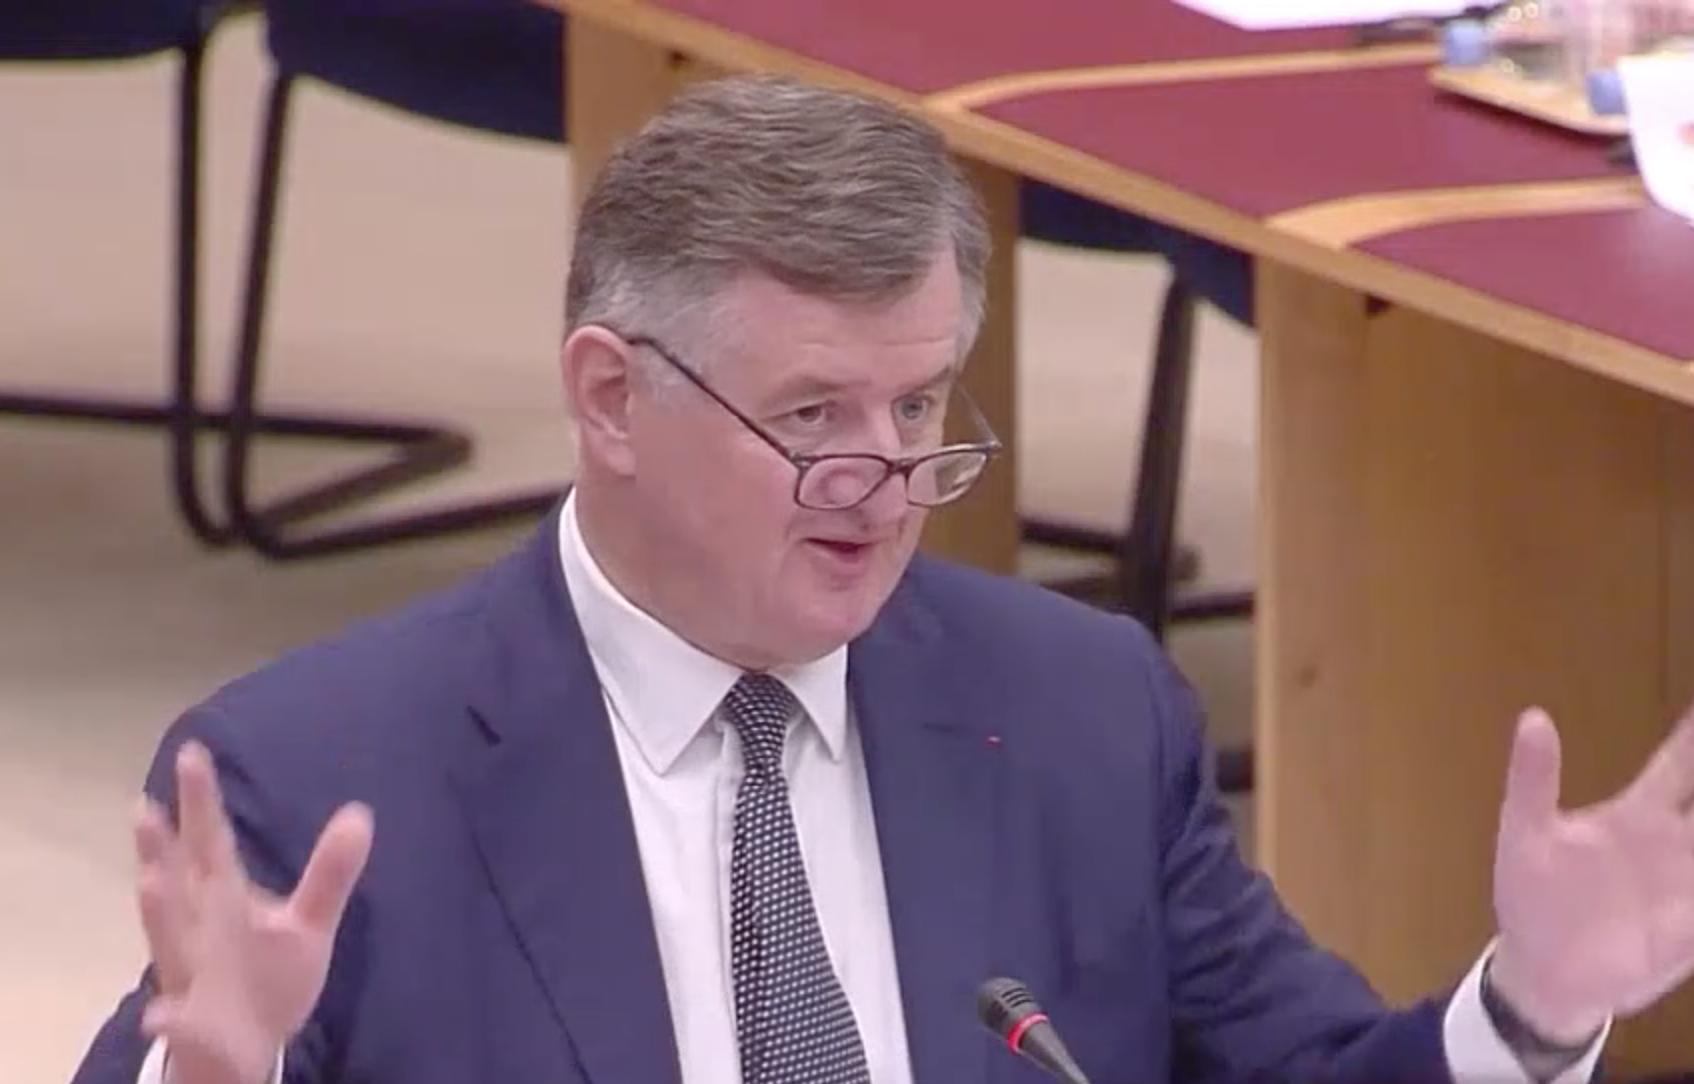 Augustin de Romanet a été entendu par le Sénat puis l'Assemblée Nationale, mercredi 22 mai 2019 © capture d'écran